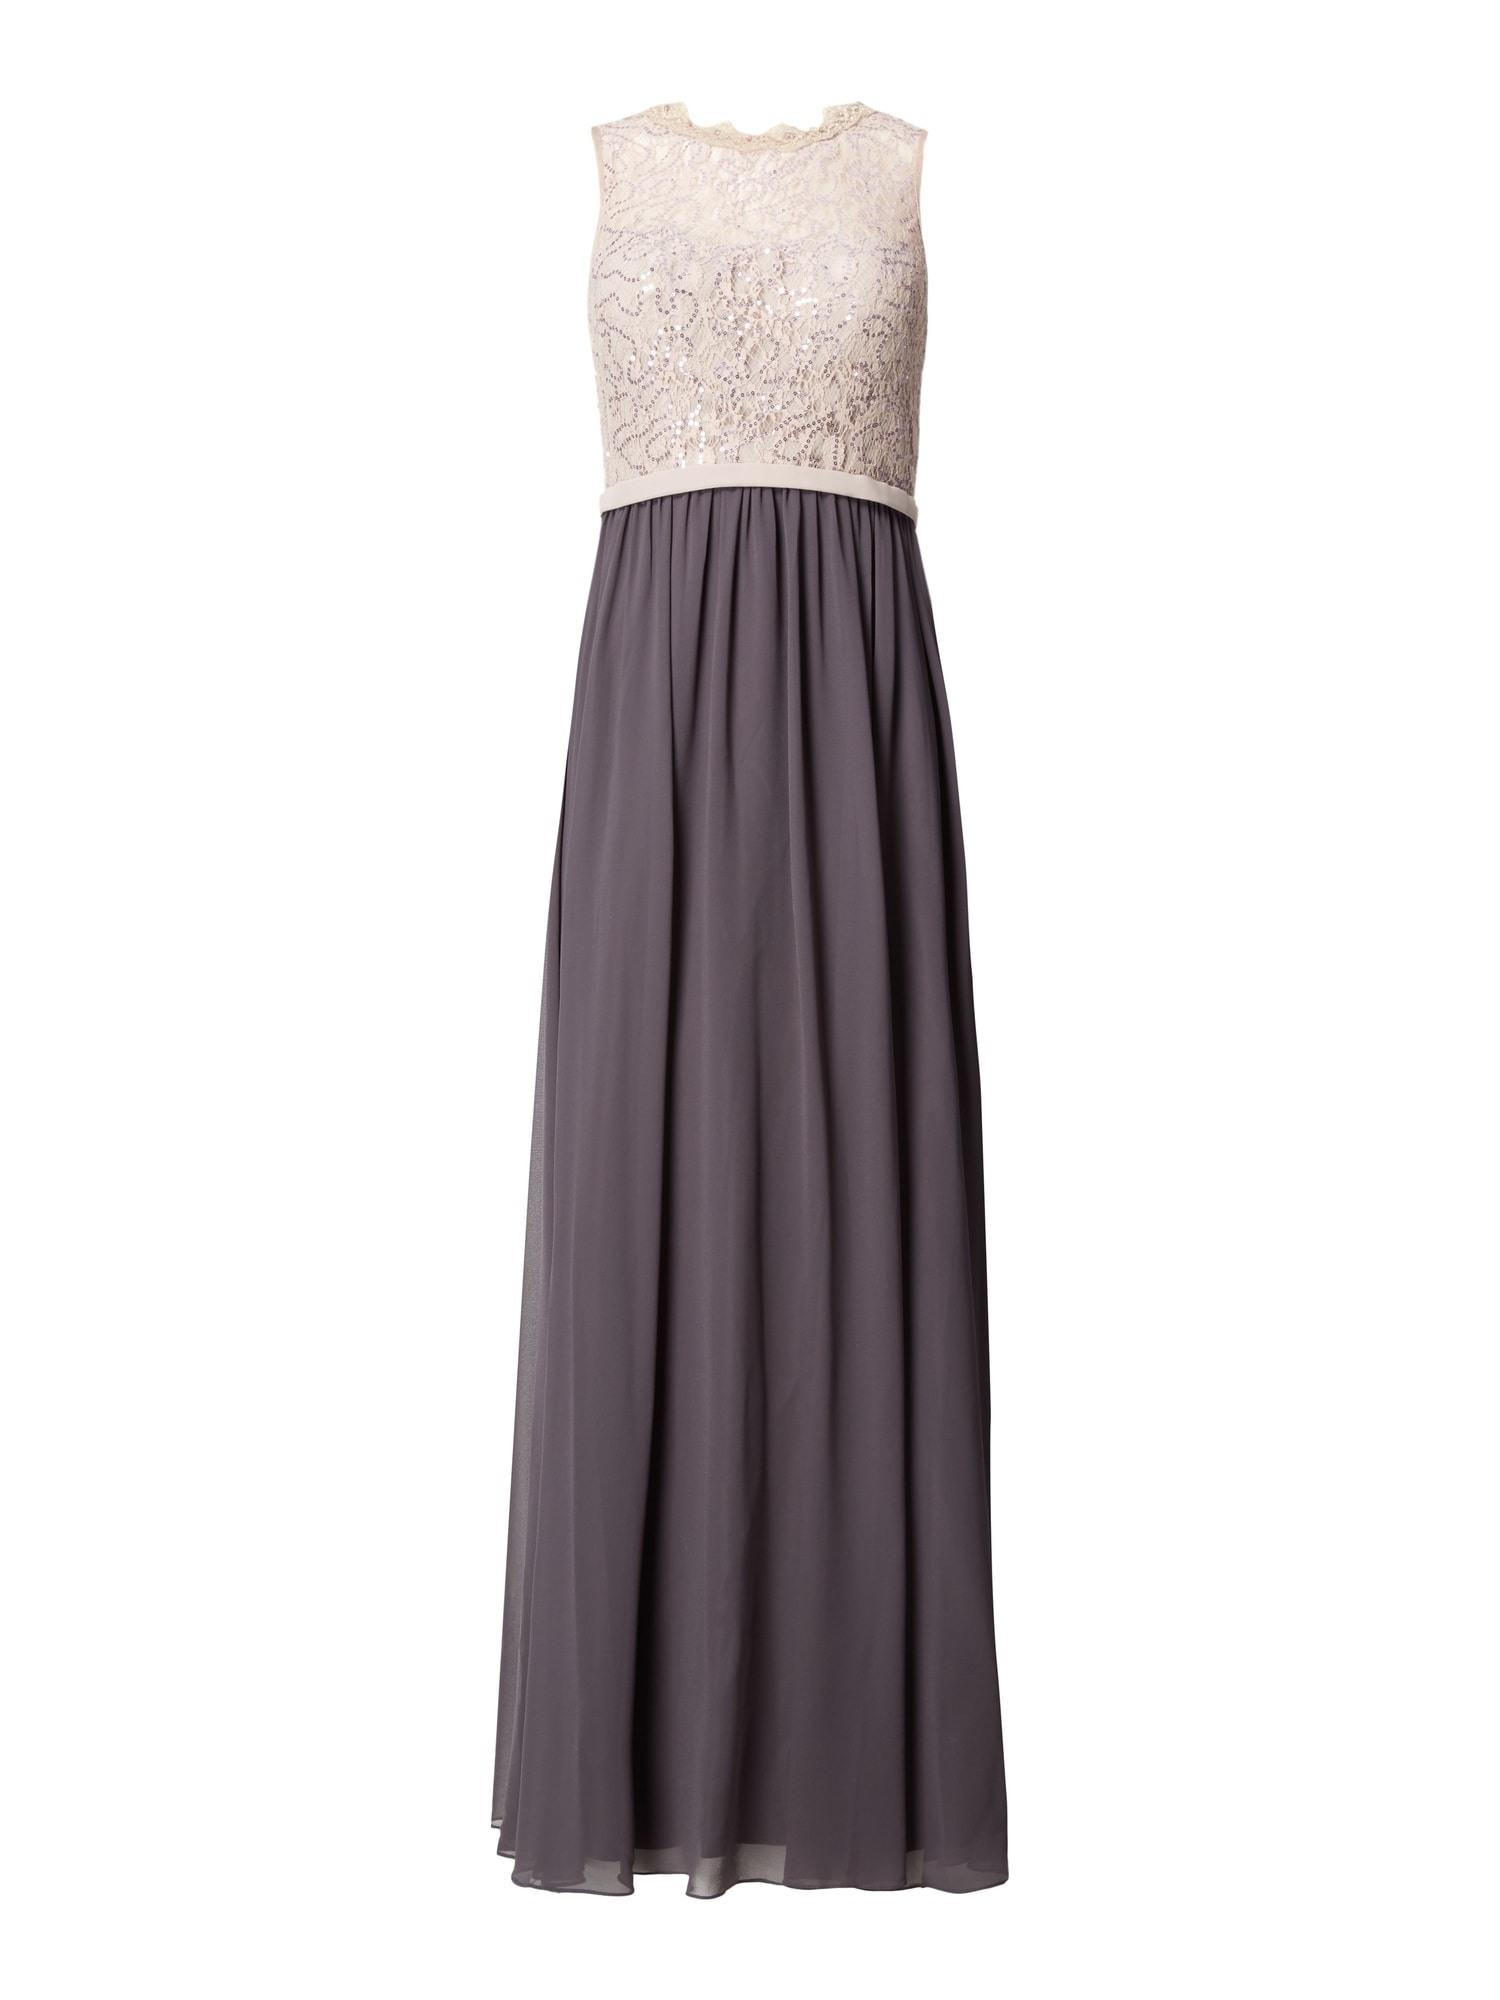 13 Einzigartig Abendkleid Online Kaufen Deutschland Spezialgebiet15 Wunderbar Abendkleid Online Kaufen Deutschland Bester Preis